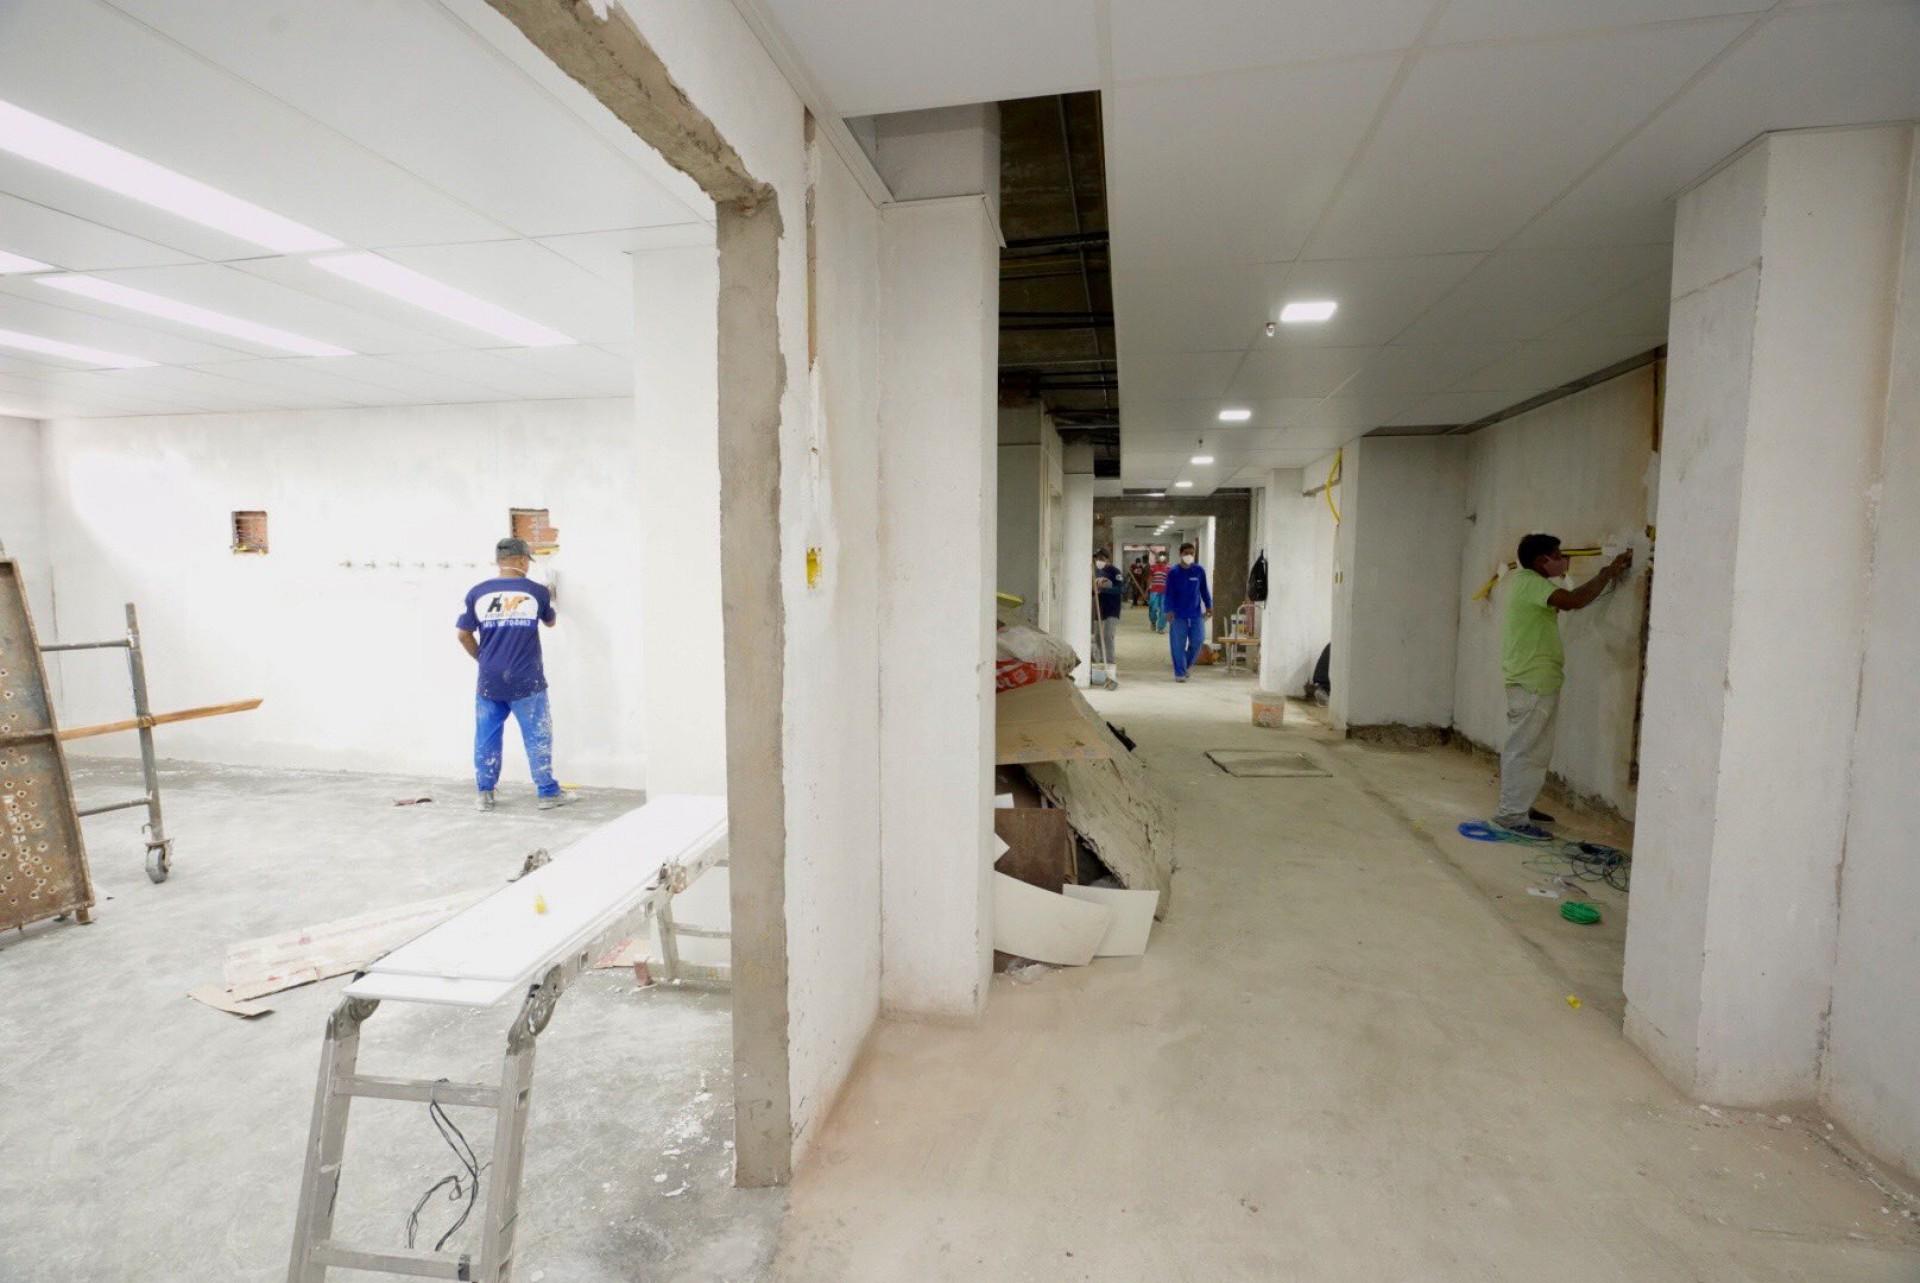 Obras no Hospital Leonardo da Vinci para a construção de nova ala com 20 leitos de UTI